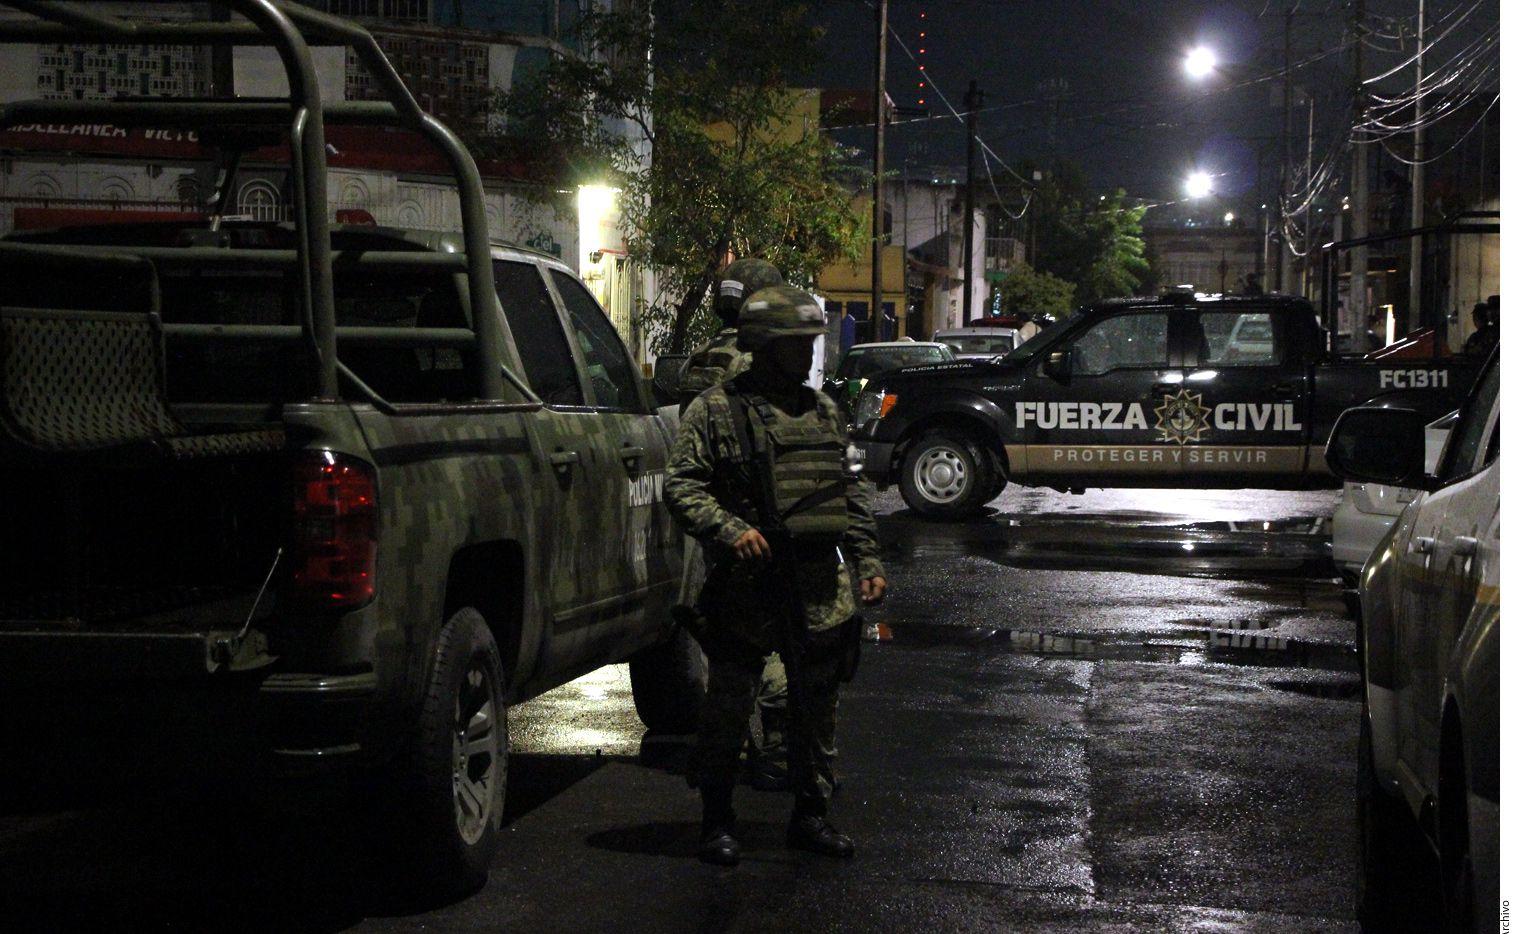 La madrugada del 21 de abril de 2010, Los Zetas bloquearon varias avenidas de Monterrey y rodearon el hotel en el que se hospedaban los agentes, narra el reportaje./ AGENCIA REFORMA